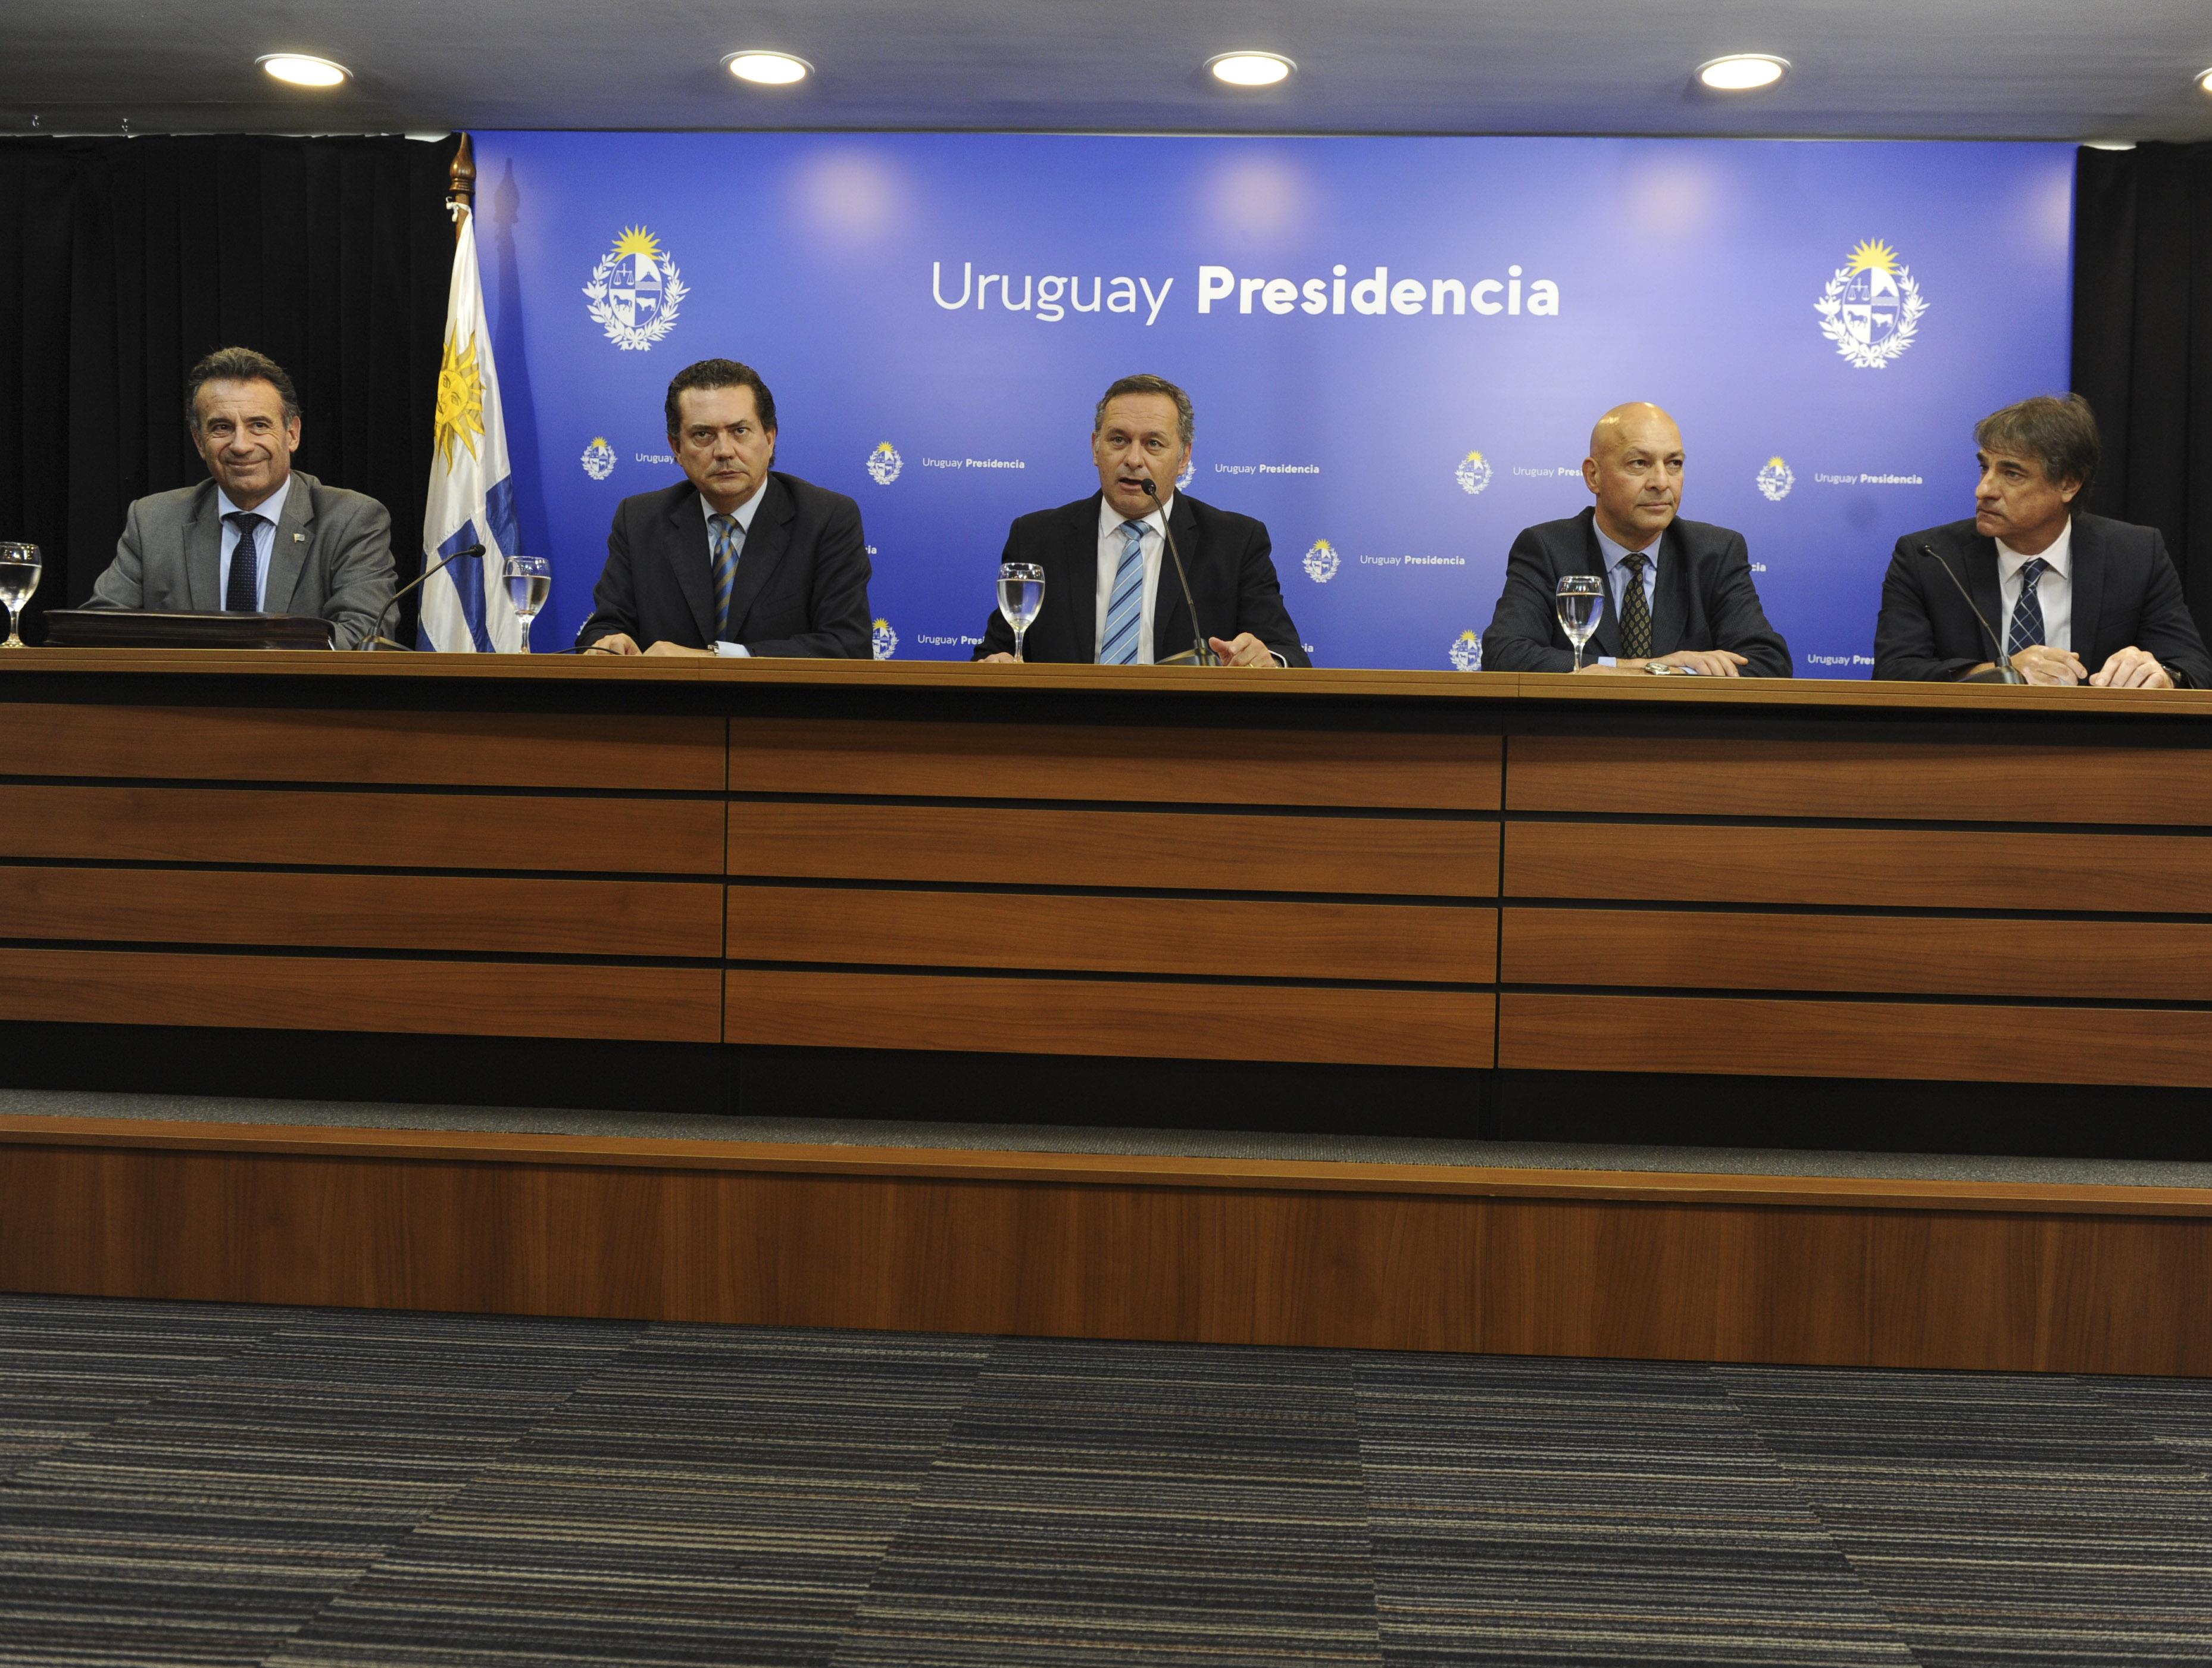 Ministro de Salud Pública, Daniel Salinas; prosecretario, Rodrigo Ferrés; secretario de Presidencia, Àlvaro Delgado; Hugo Odizzio y Nicolás Jodal